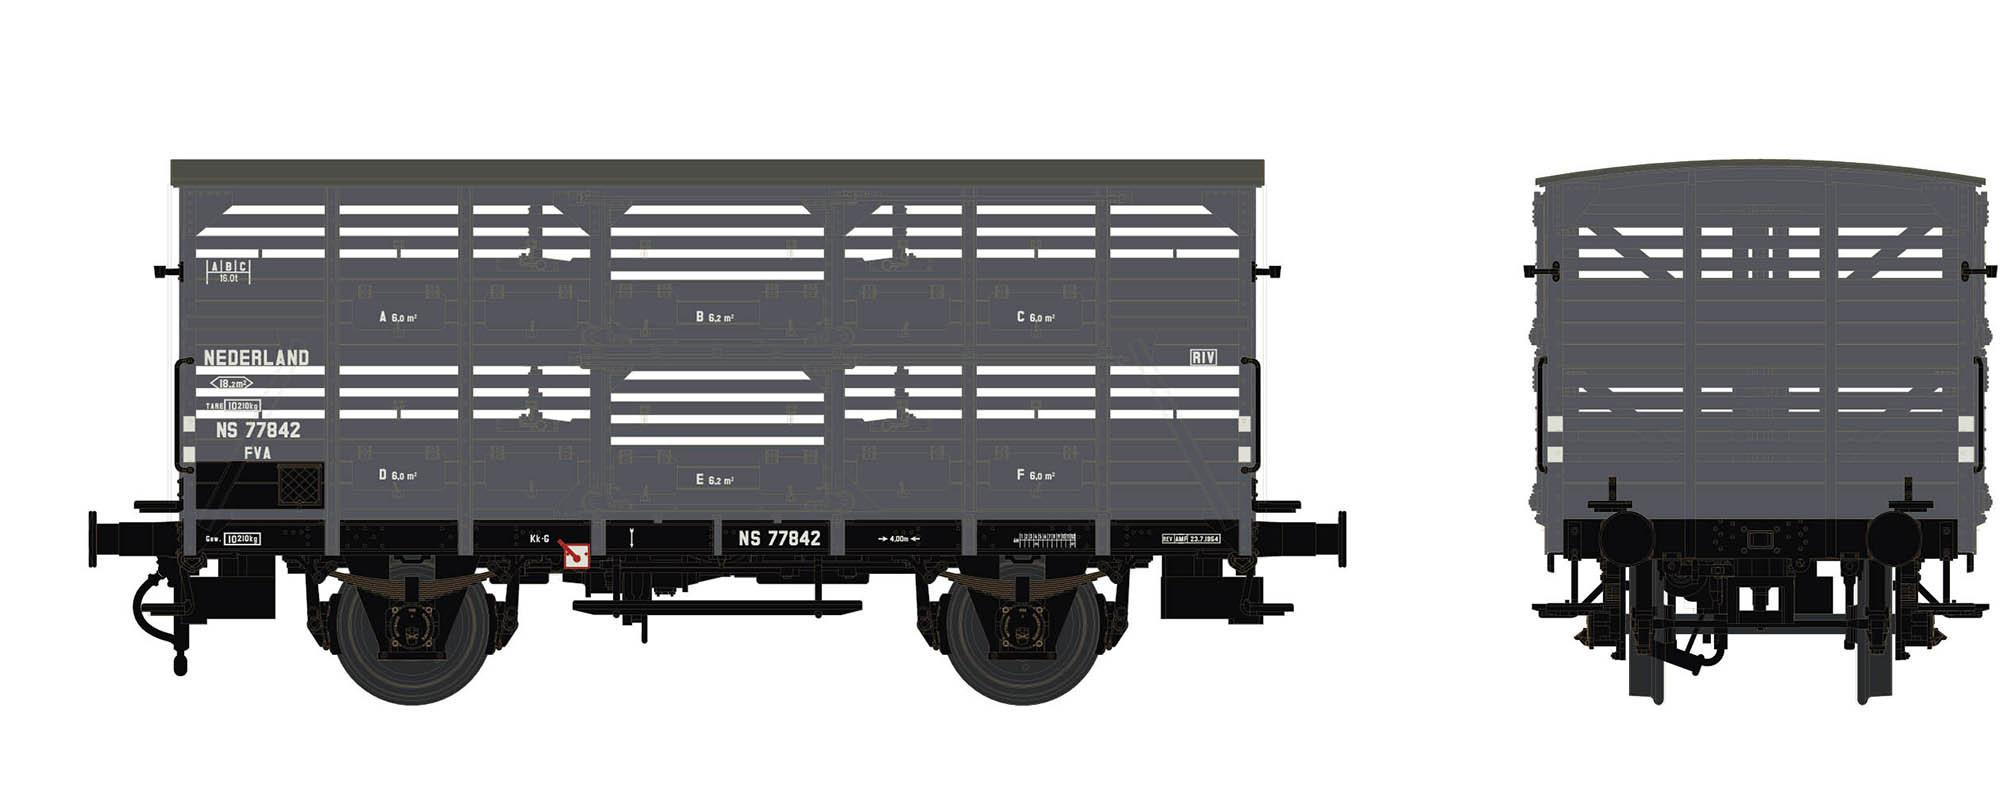 Wagenbausatz Verschlagwagen Vh14, NS, Epoche III